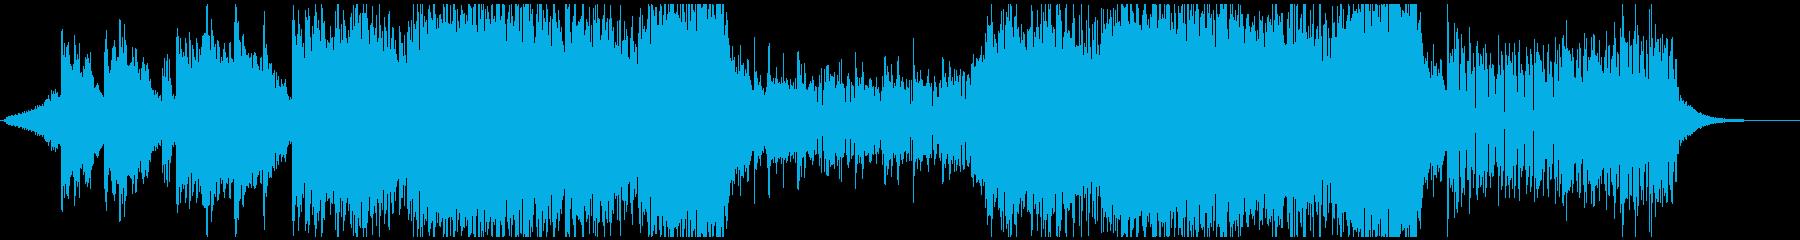 華麗なクワイアが印象的なEDMの再生済みの波形